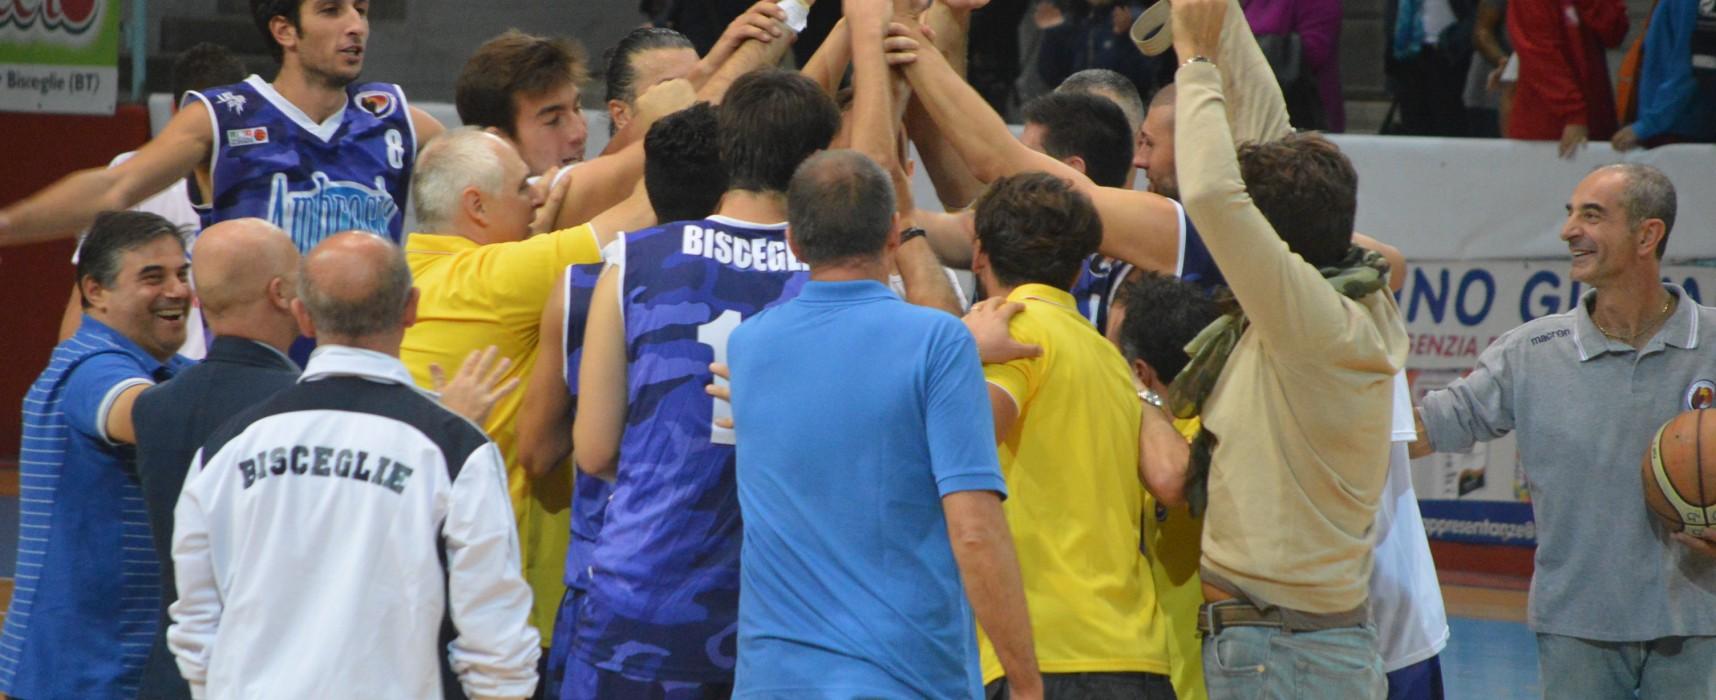 Esordio vincente dell'Ambrosia basket Bisceglie contro la quotata Palermo